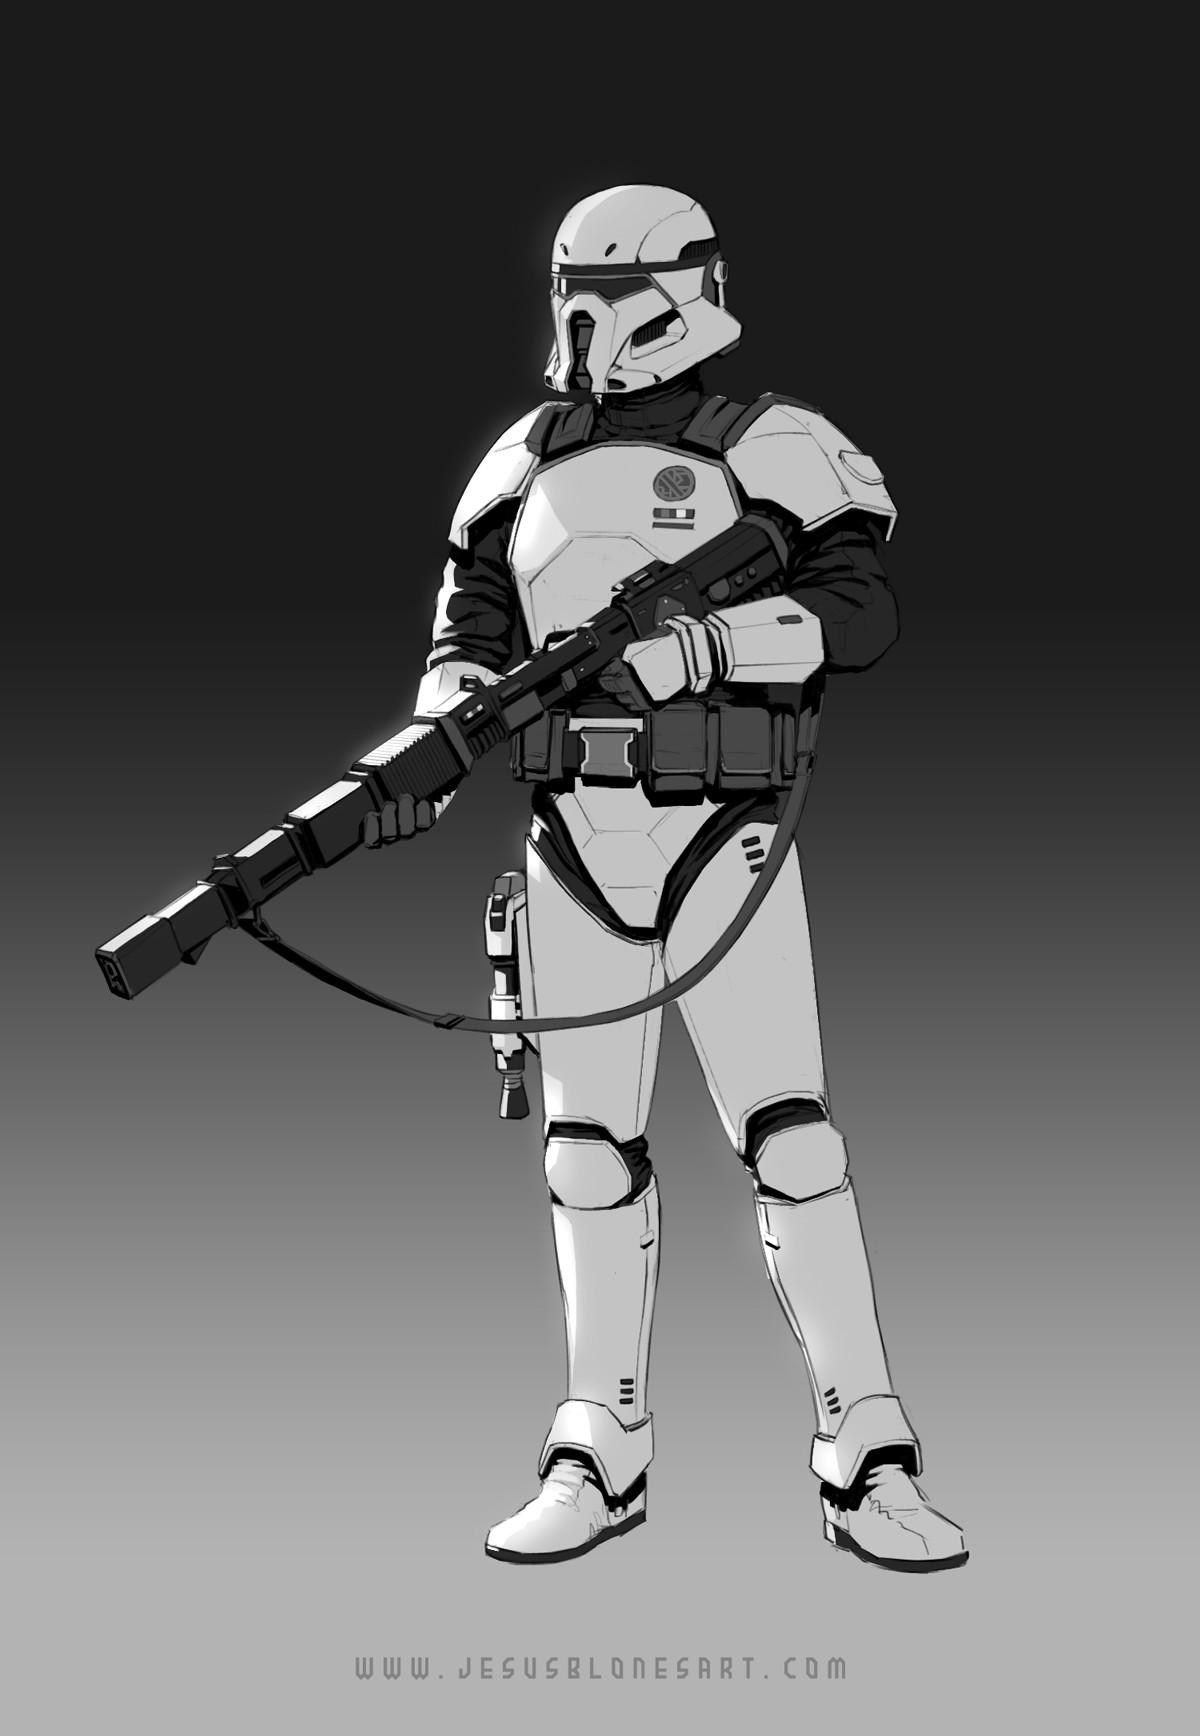 jesus-blones-stormtrooper-jesus-blones-s